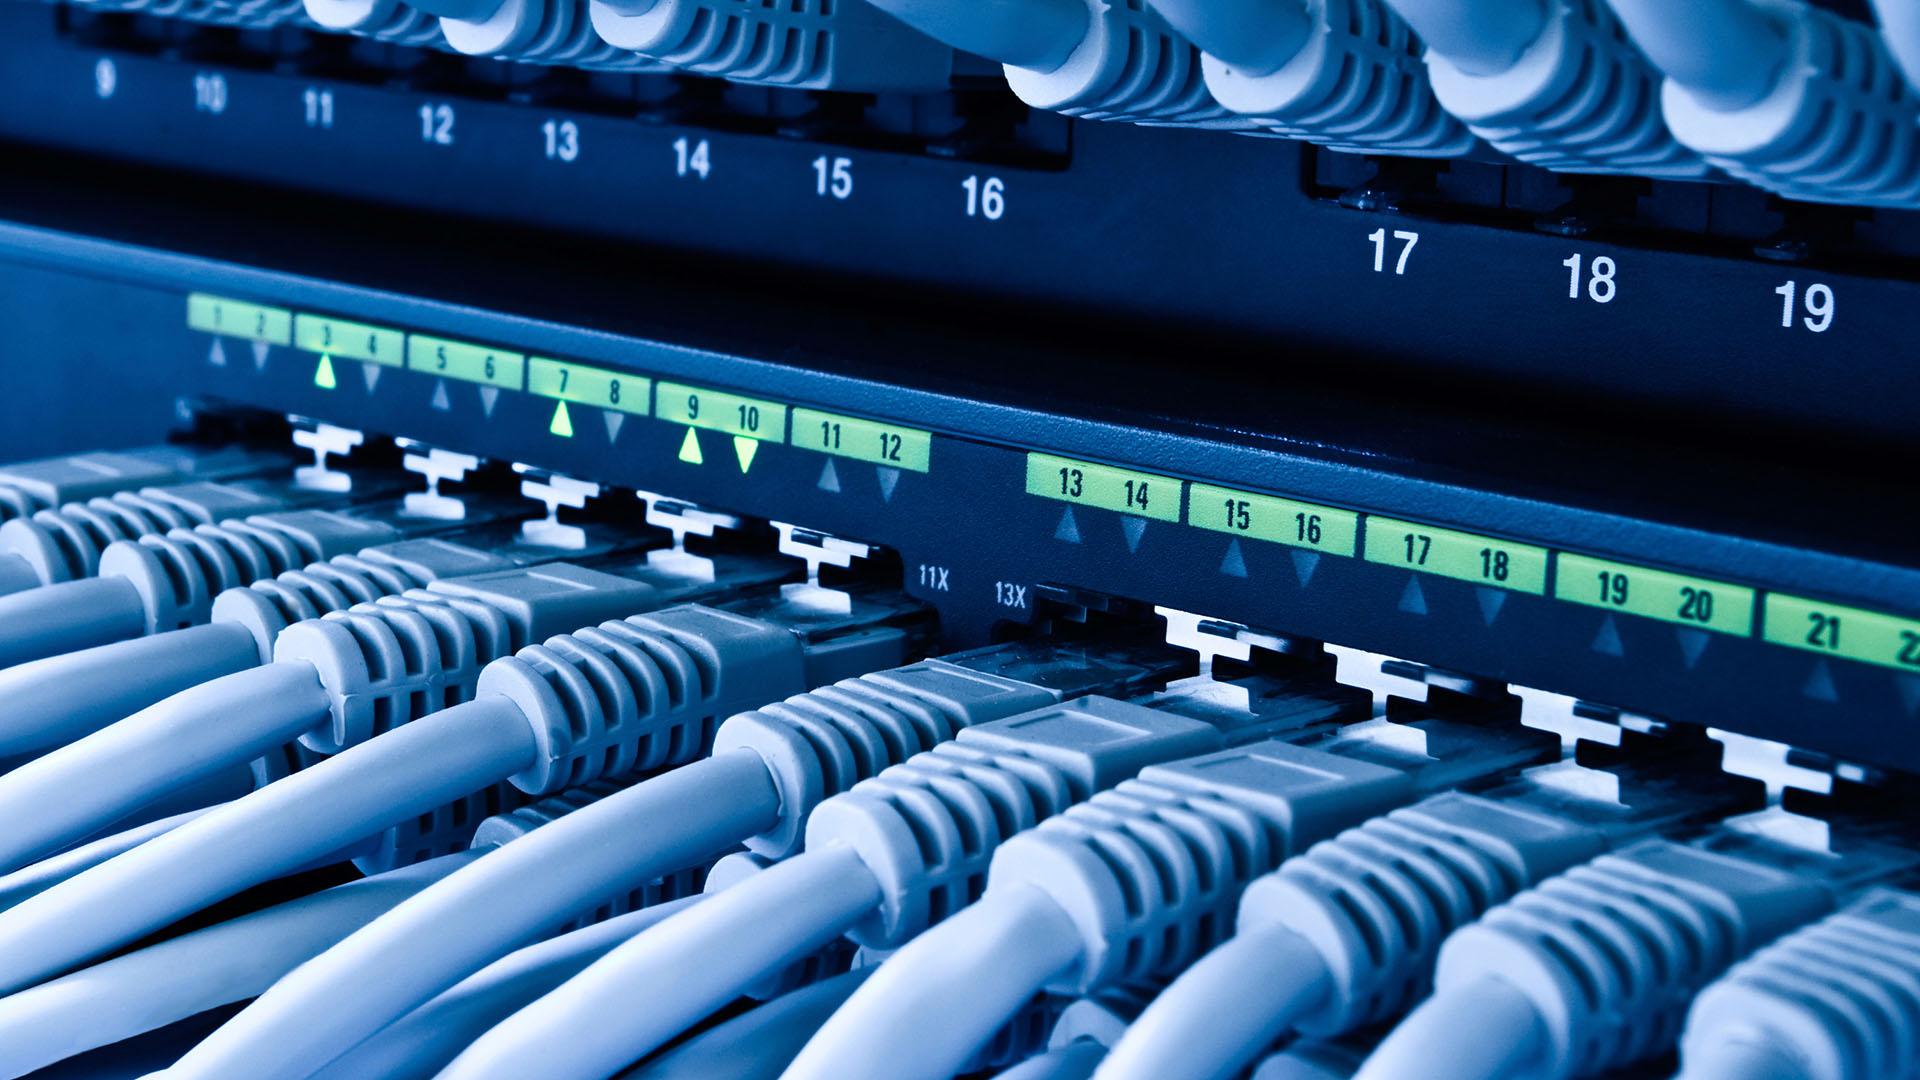 North Miami Beach Florida Superior Voice & Data Network Cabling Provider